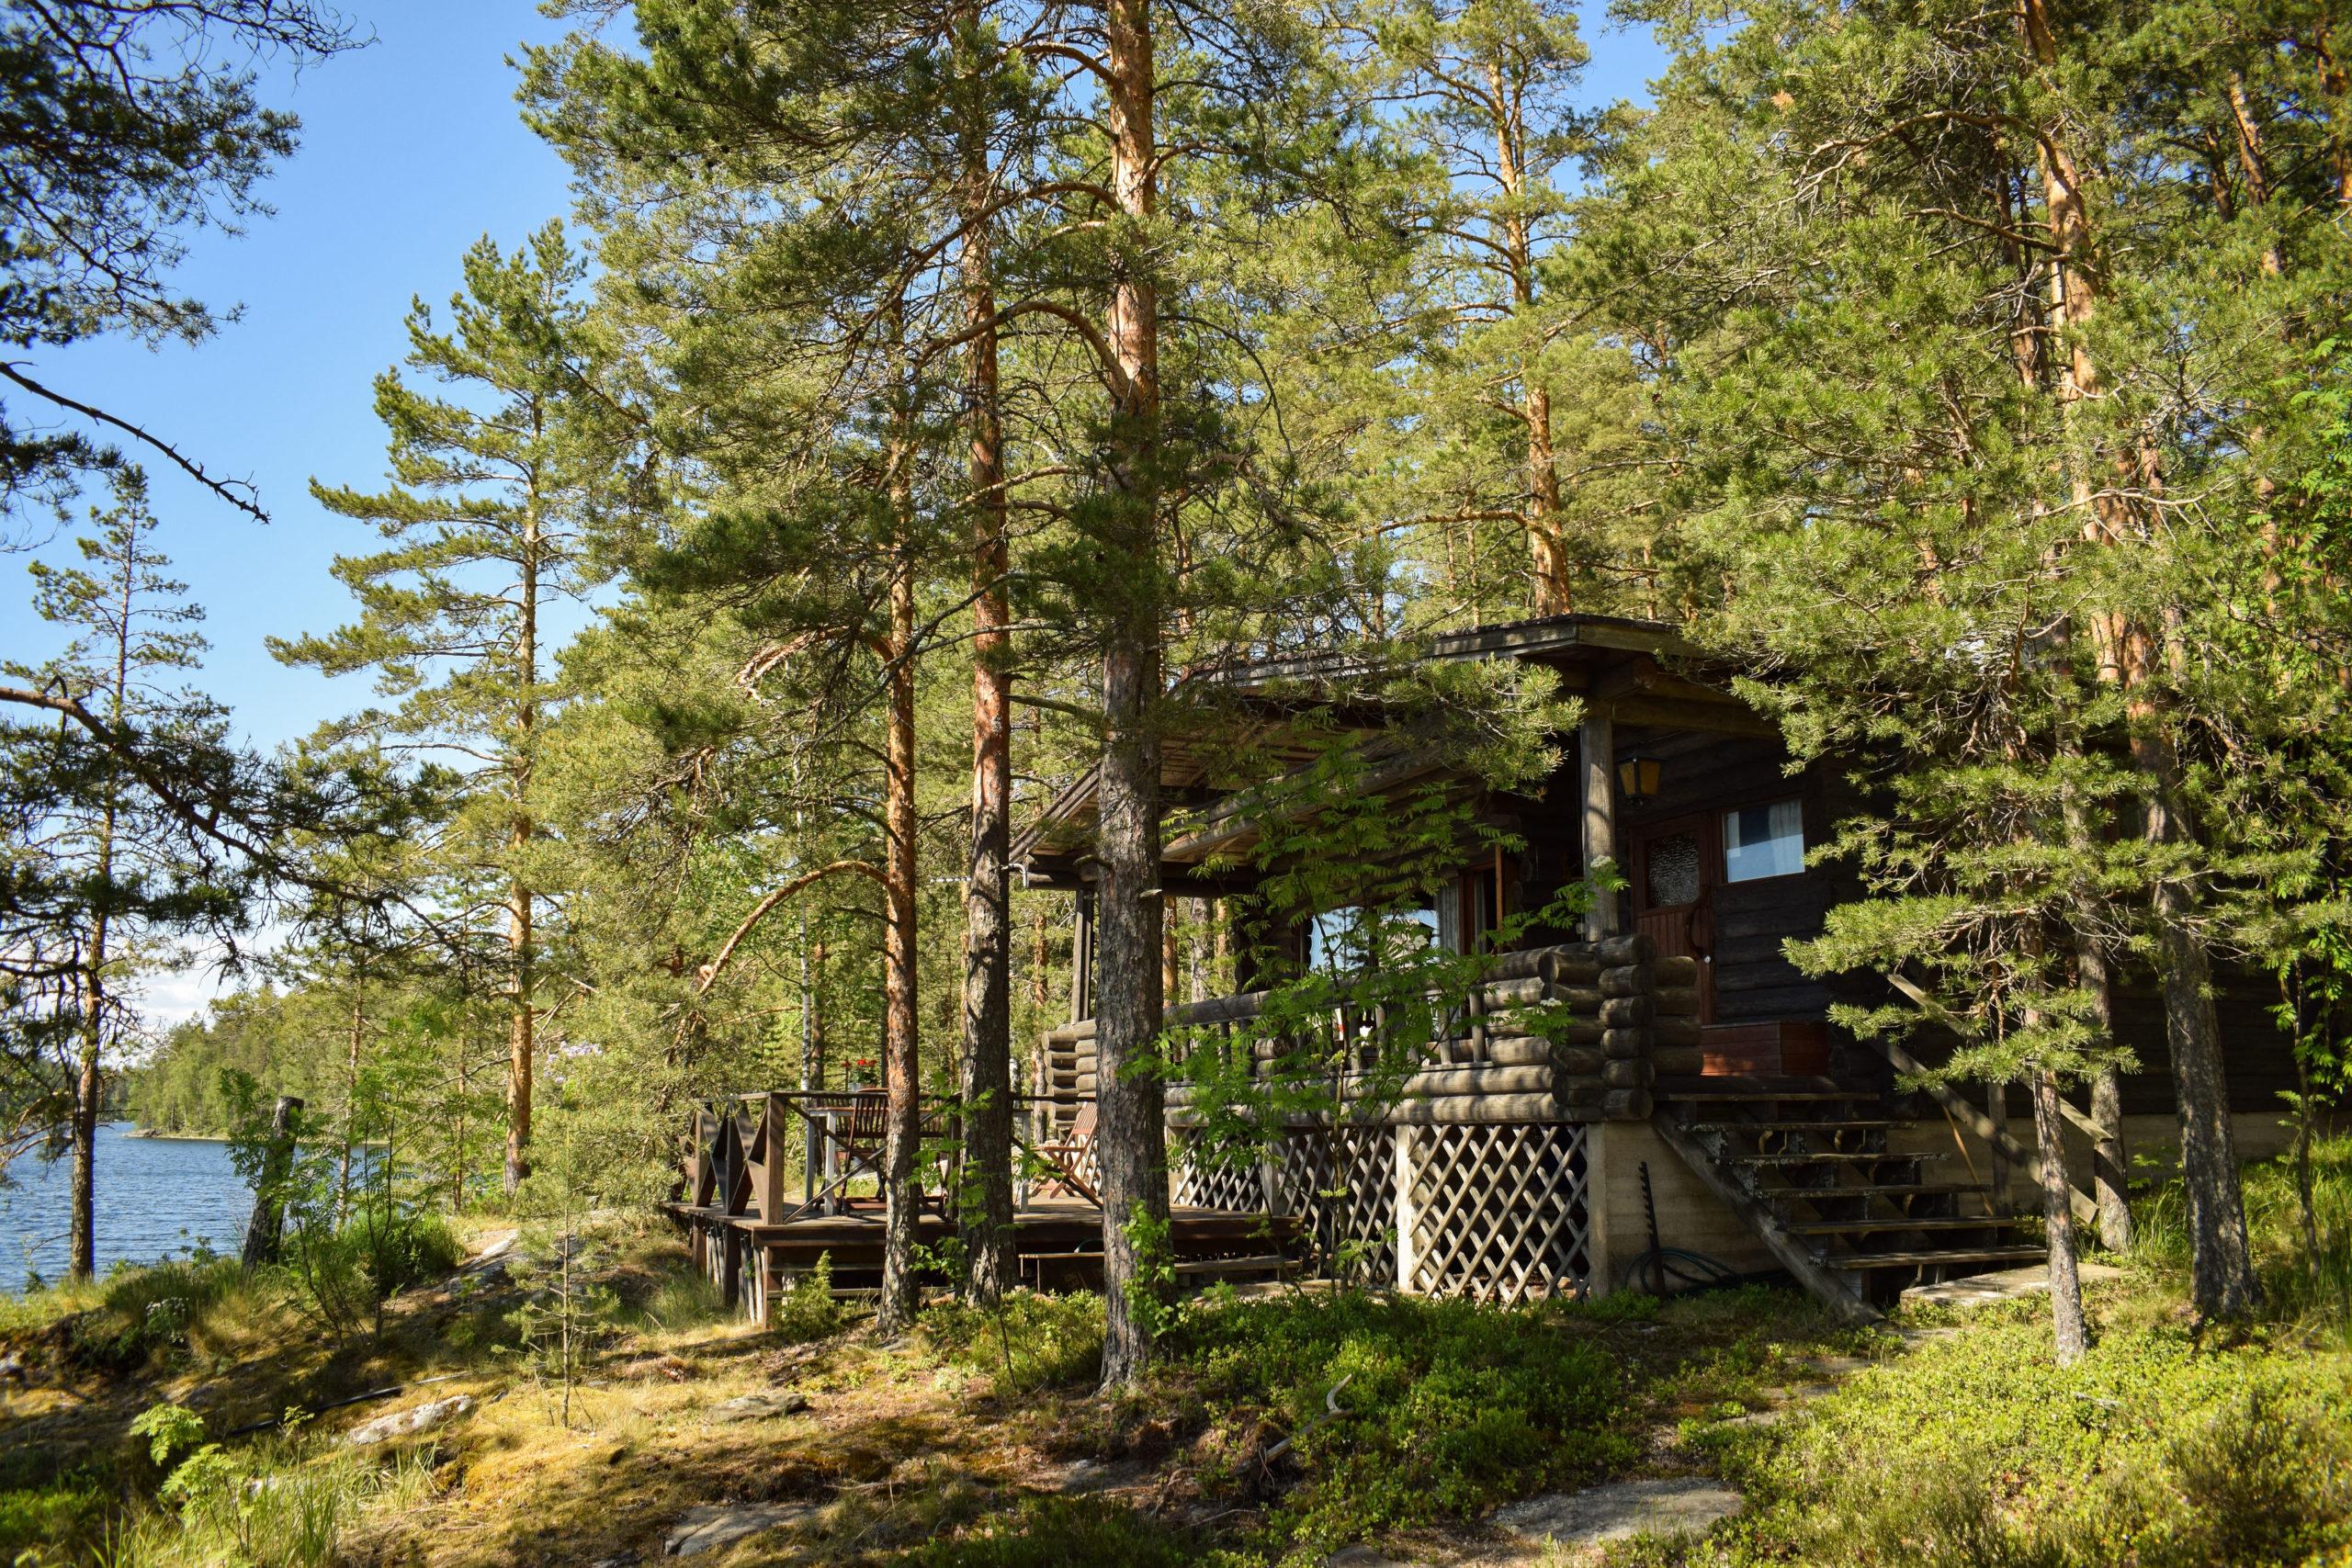 Kukkoniemen Lomamökit traditional Finnish rental cottages in Punkaharju, Saimaa